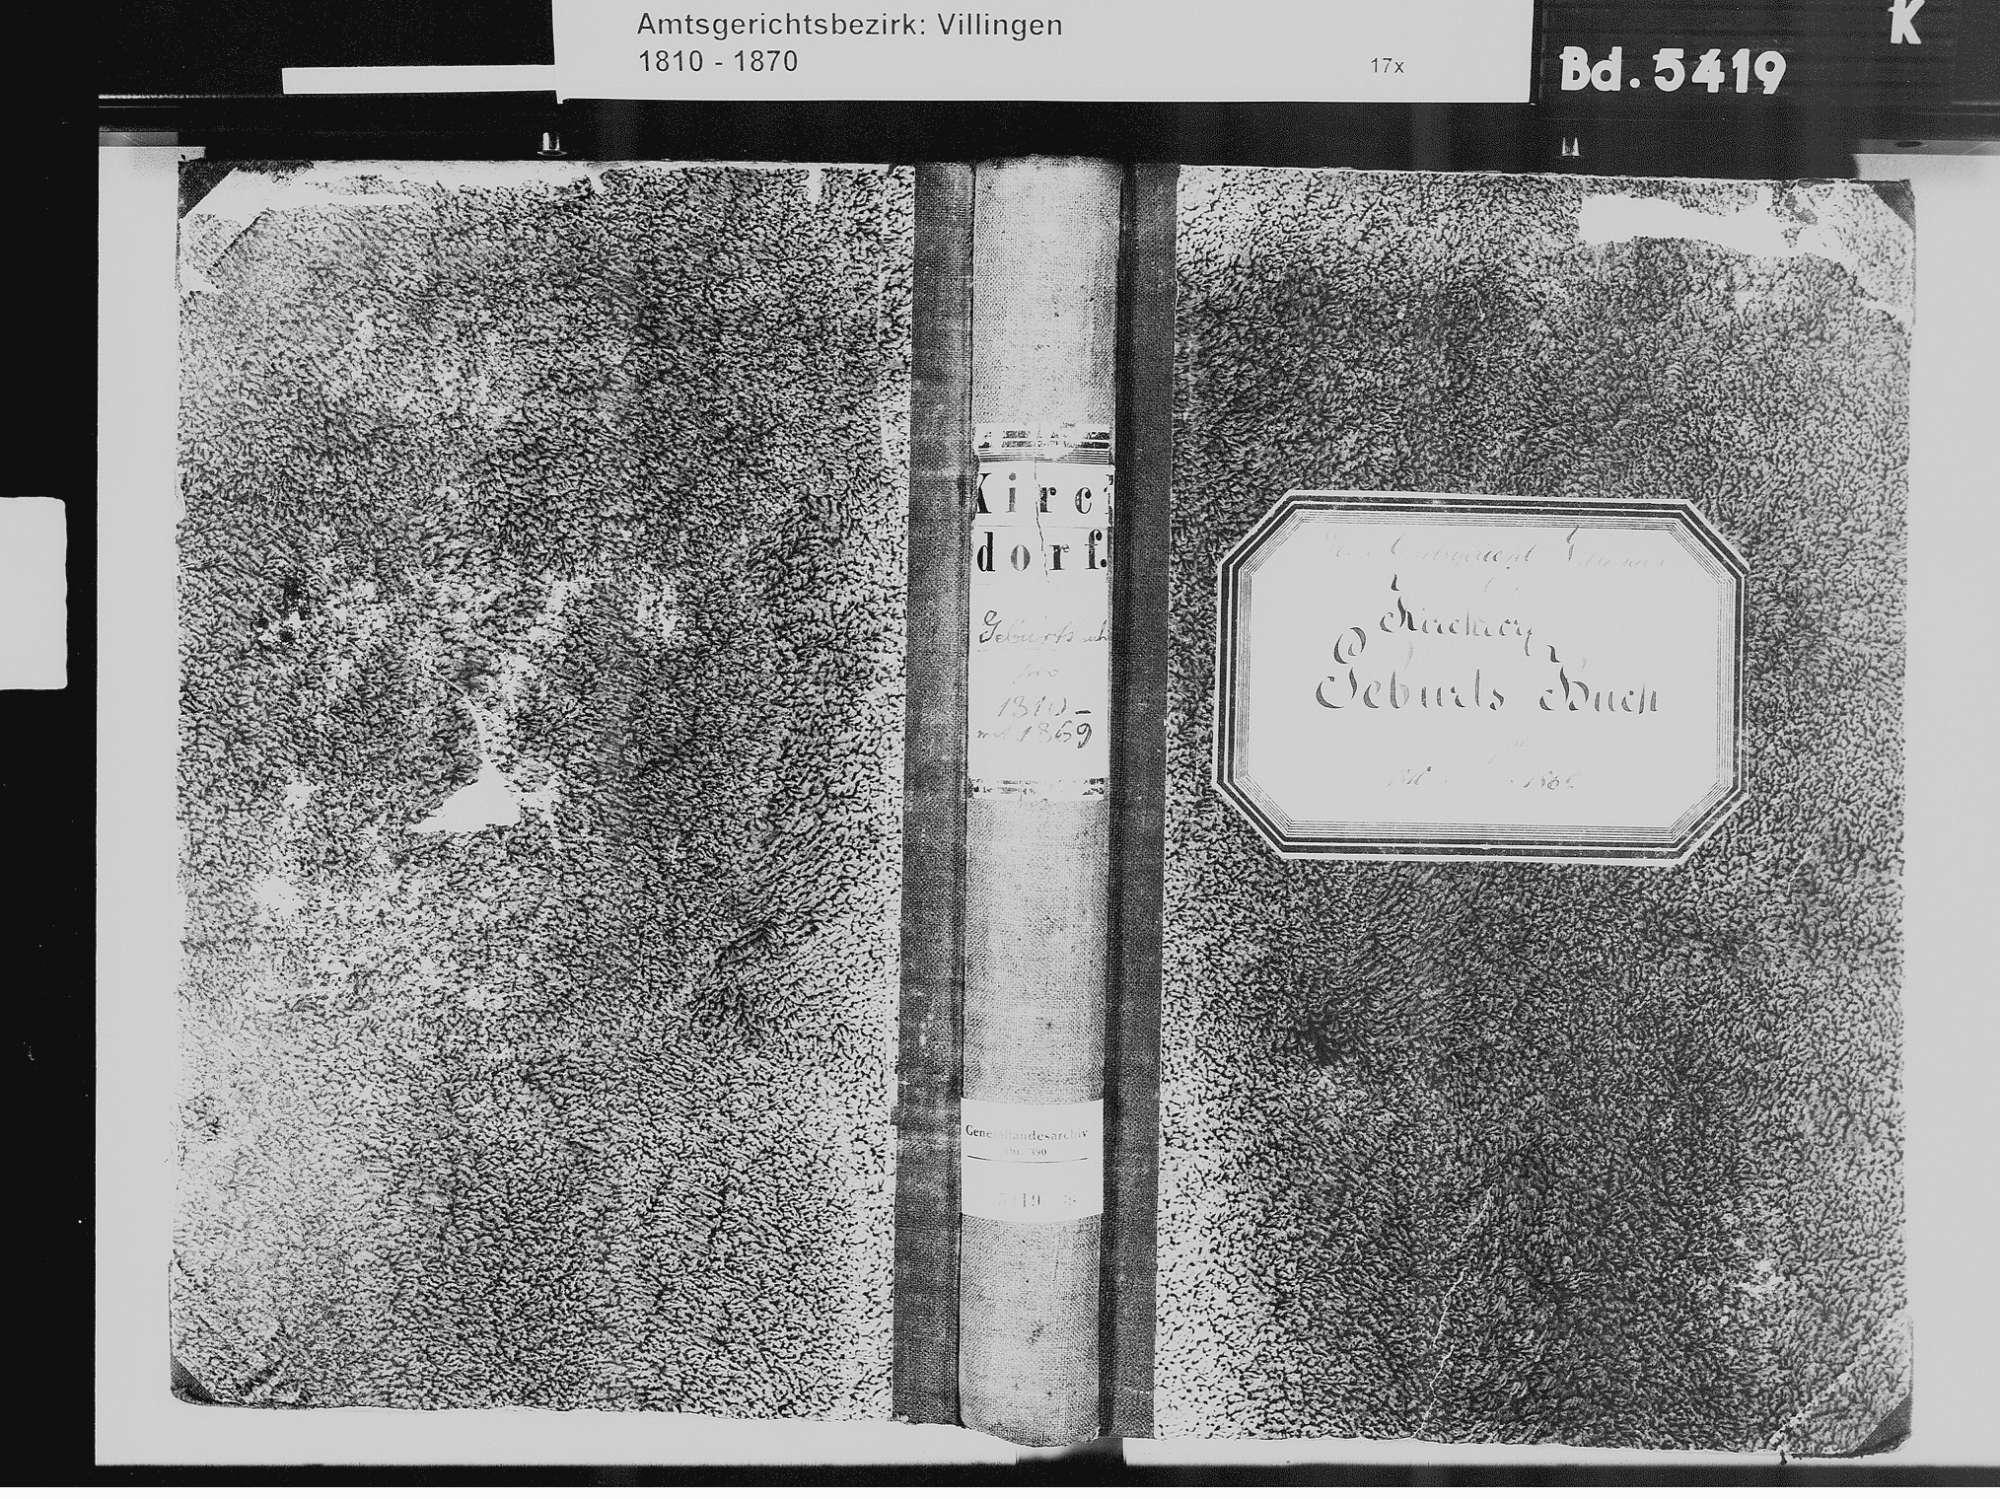 Kirchdorf, Brigachtal VS; Katholische Gemeinde: Geburtenbuch 1810-1869 Kirchdorf, Brigachtal VS; Katholische Gemeinde: Sterbebuch 1819, Bild 2